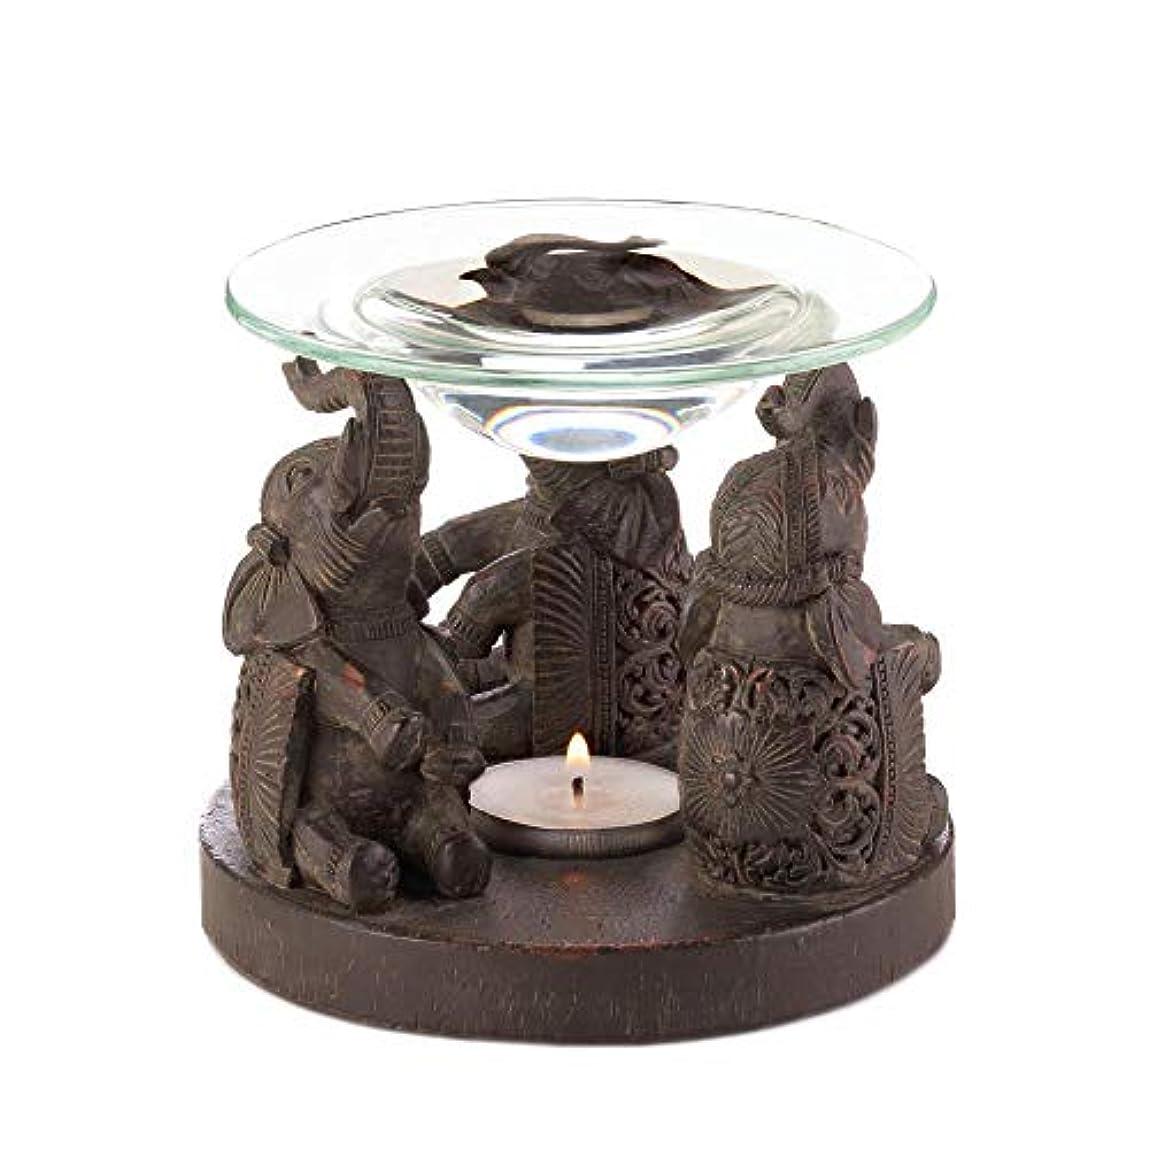 トロリー虐待廃止Anya Nana ギフト 彫刻された象の像 キャンドル タルトワックスウォーマー バーナー ディフューザー アロマセラピー